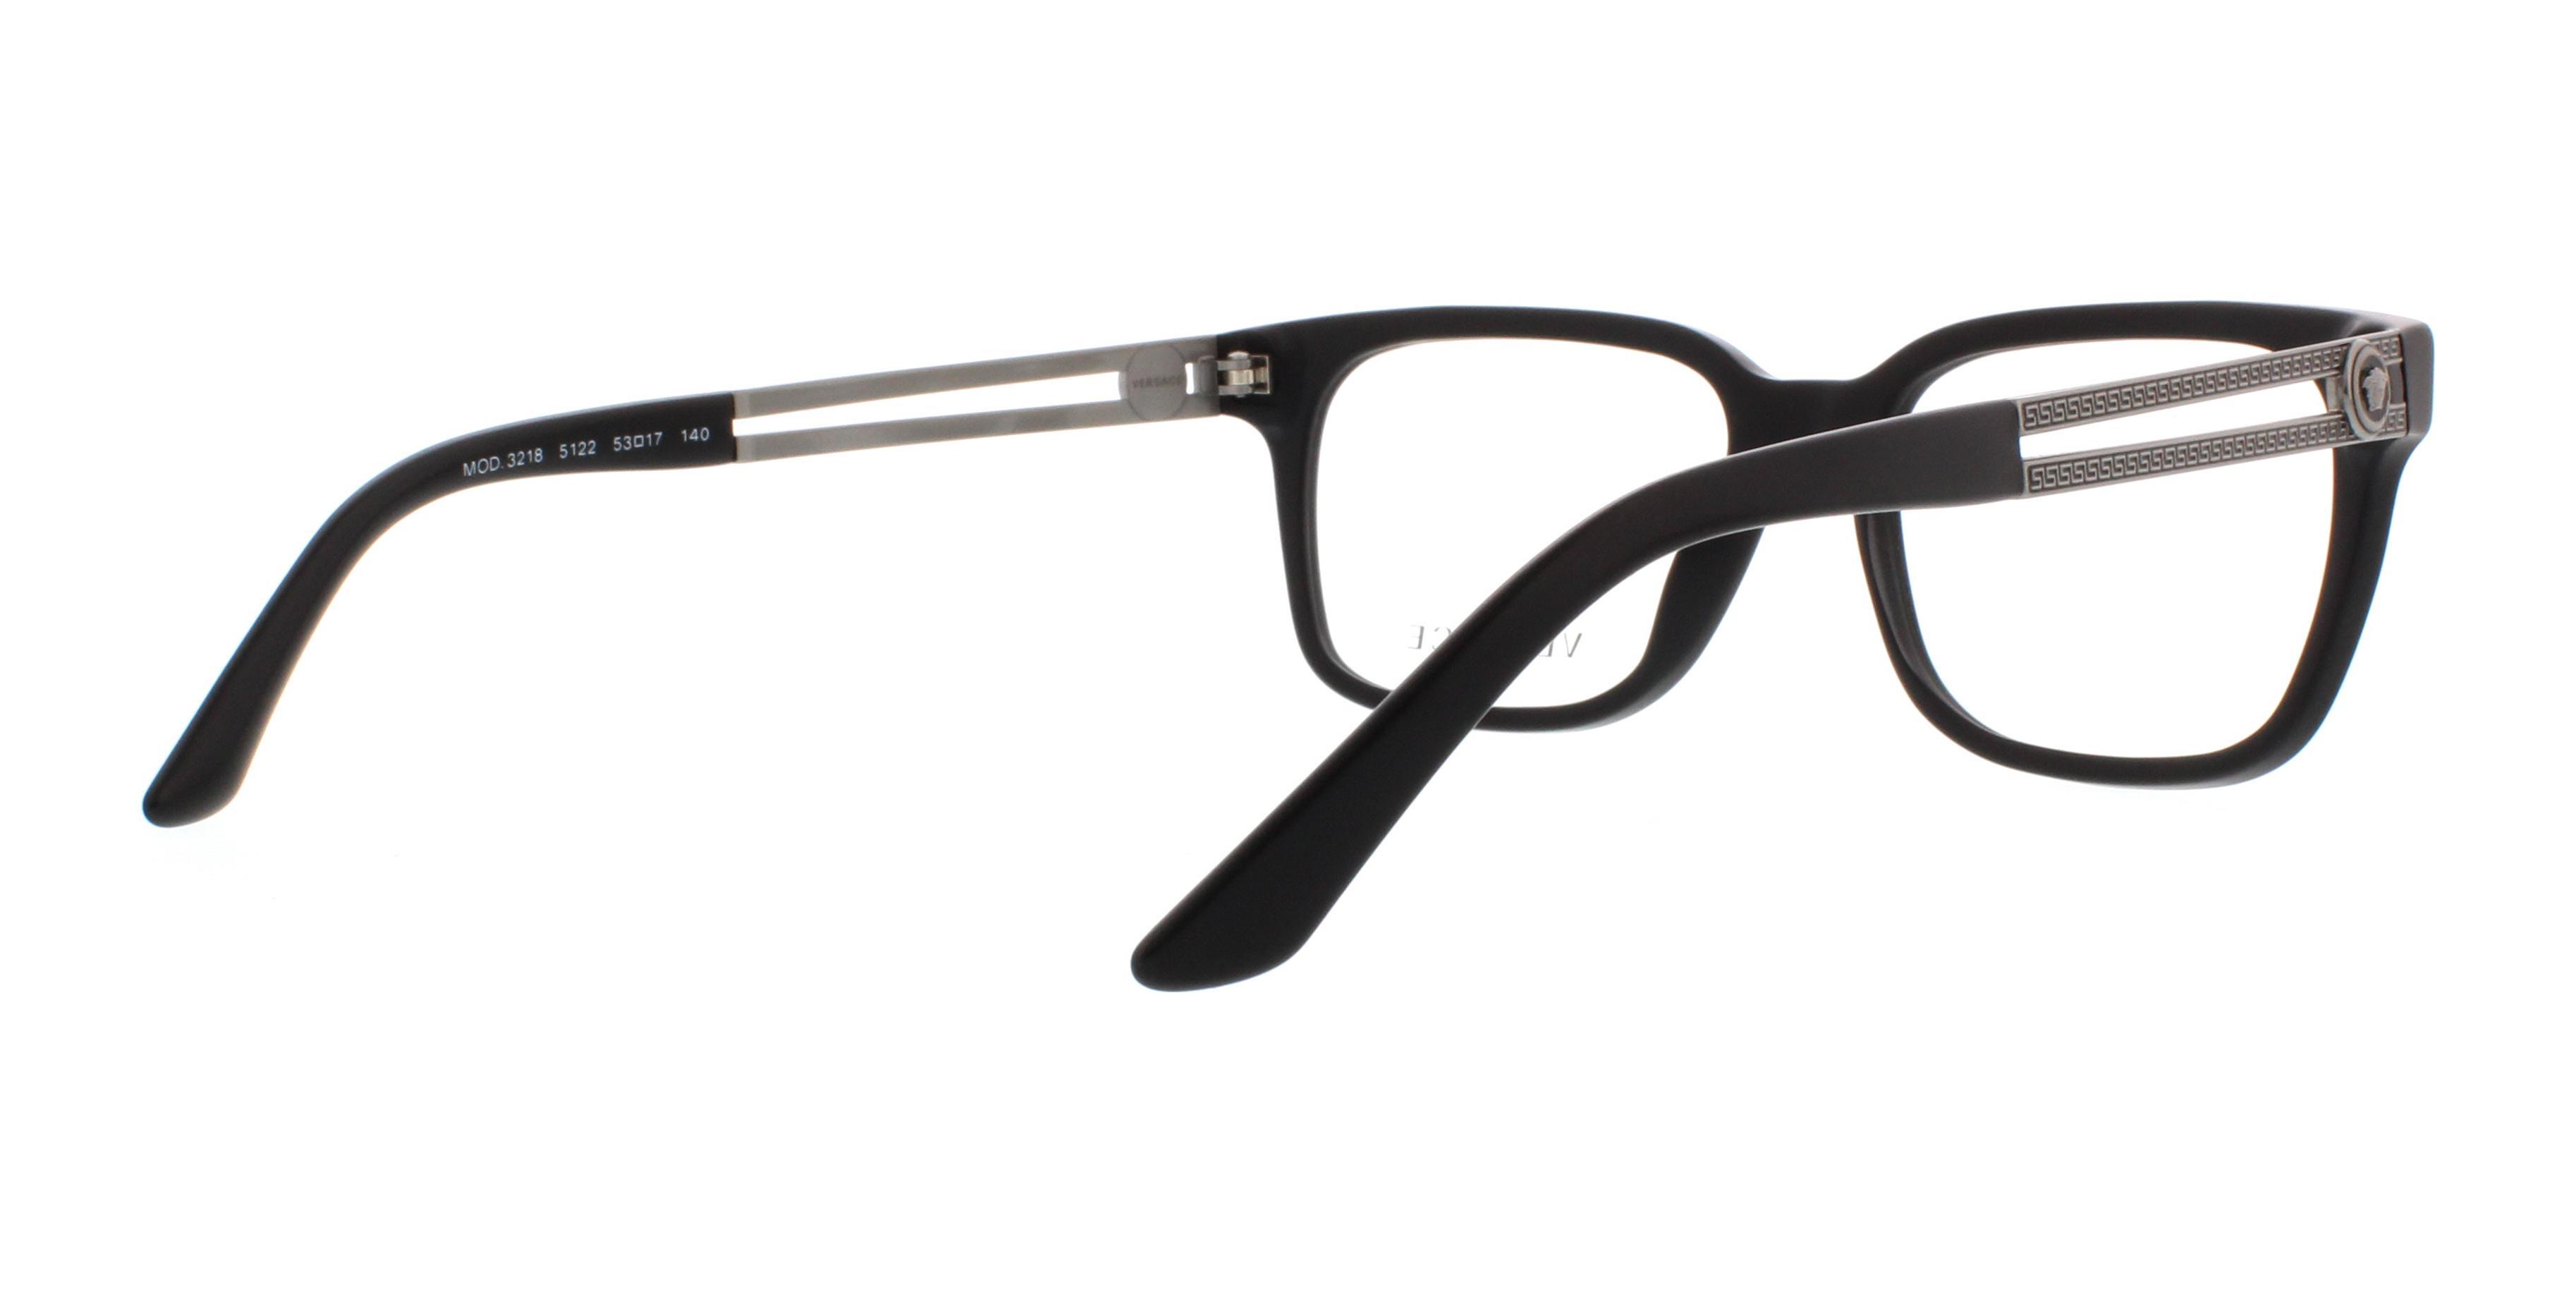 72a85429620 Designer Frames Outlet. Versace VE3218